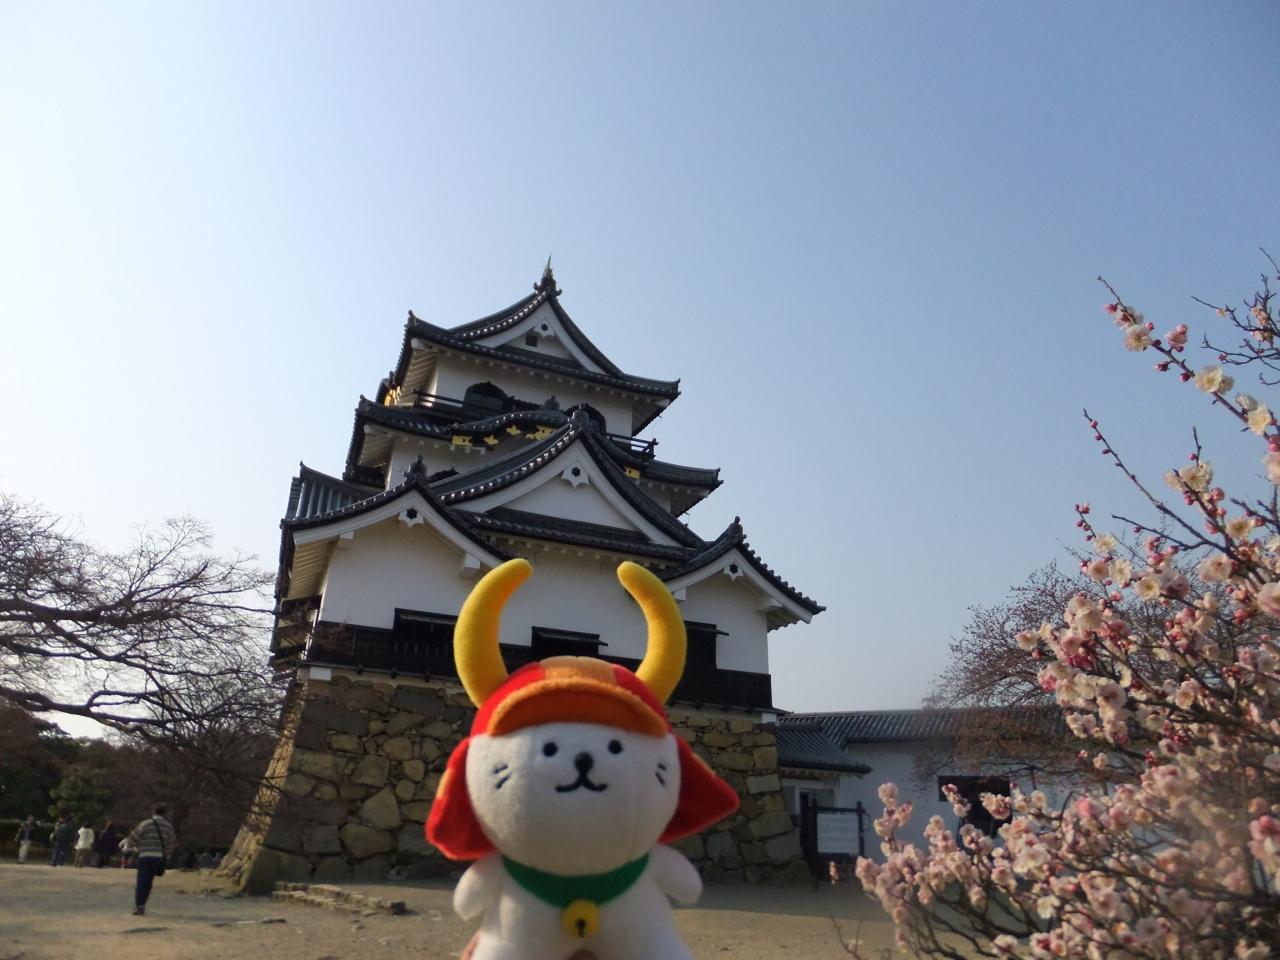 彦根城周辺・おすすめ観光スポットのご紹介!屋形船に乗るのも人気!